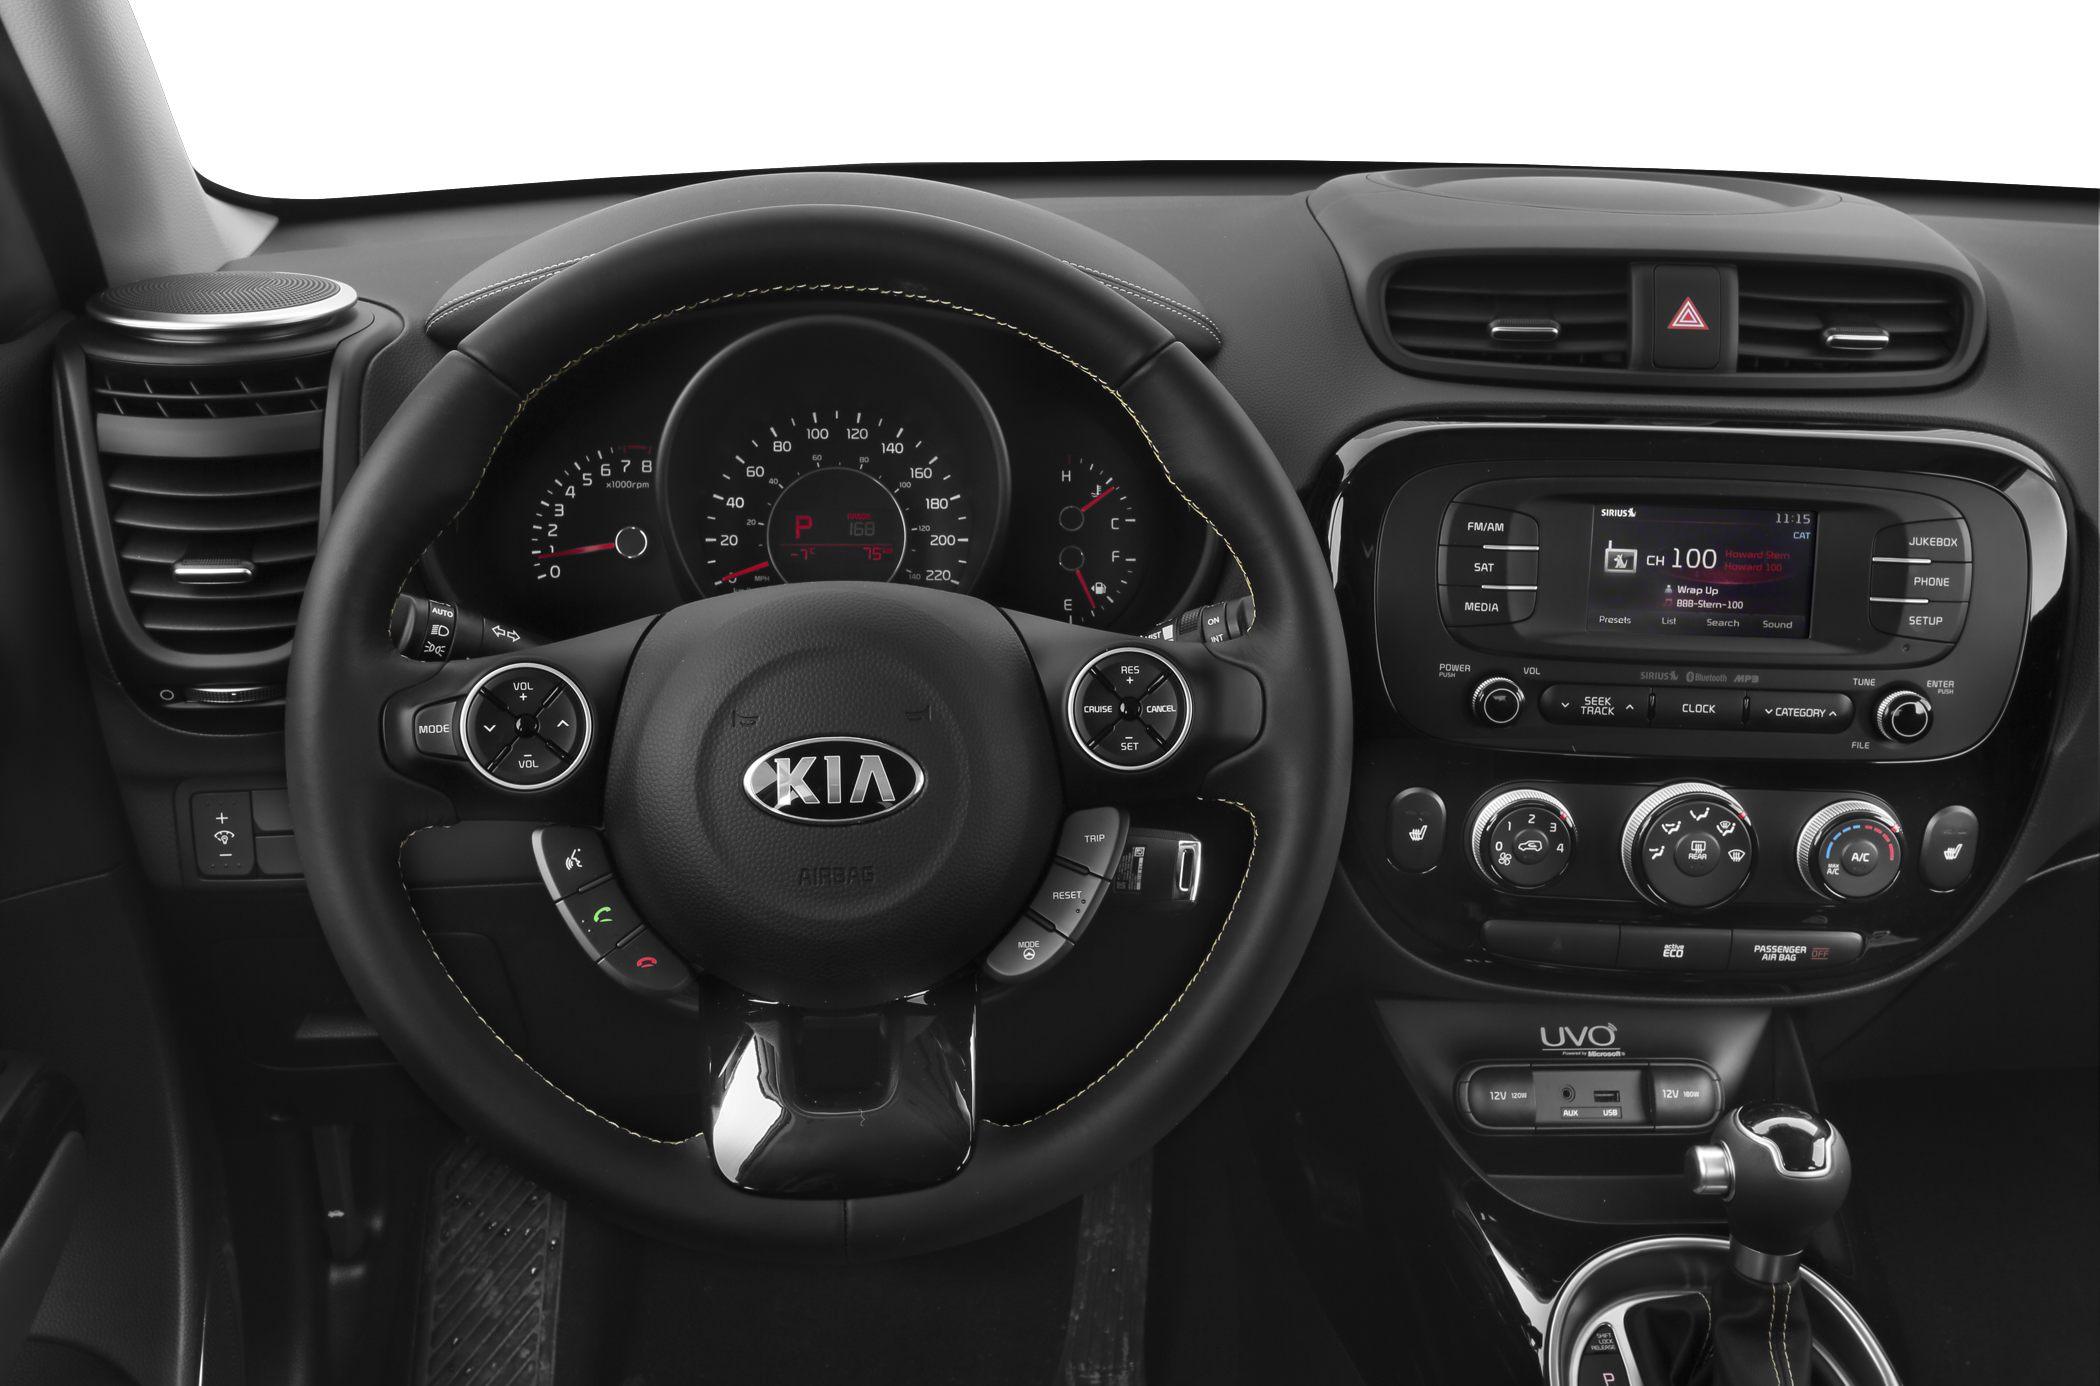 kia infinity sound system manual